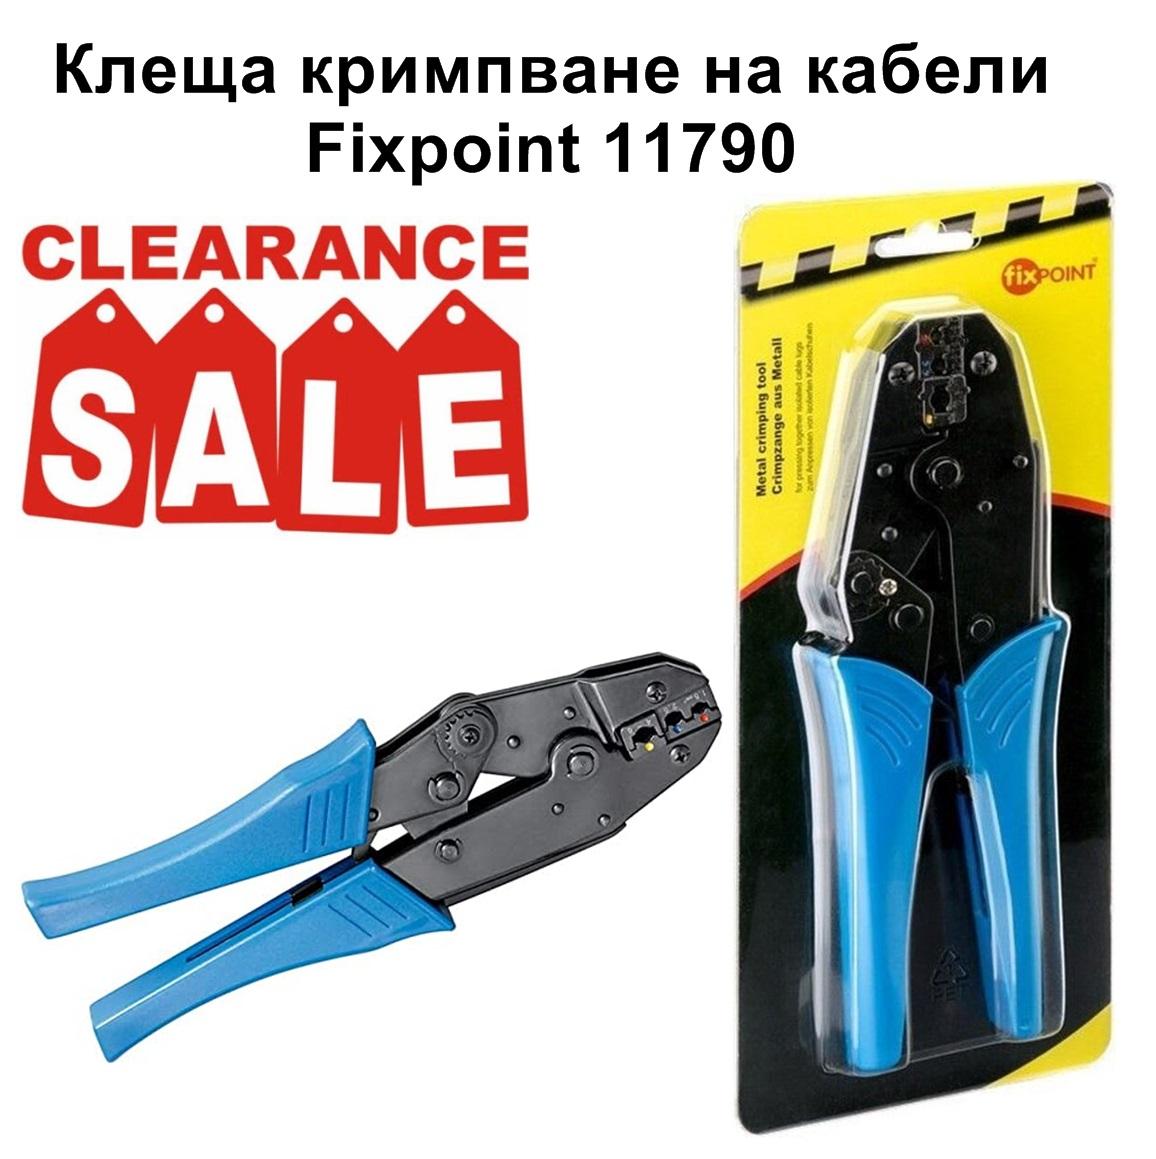 Клеща кримпване на кабели Fixpoint 11790